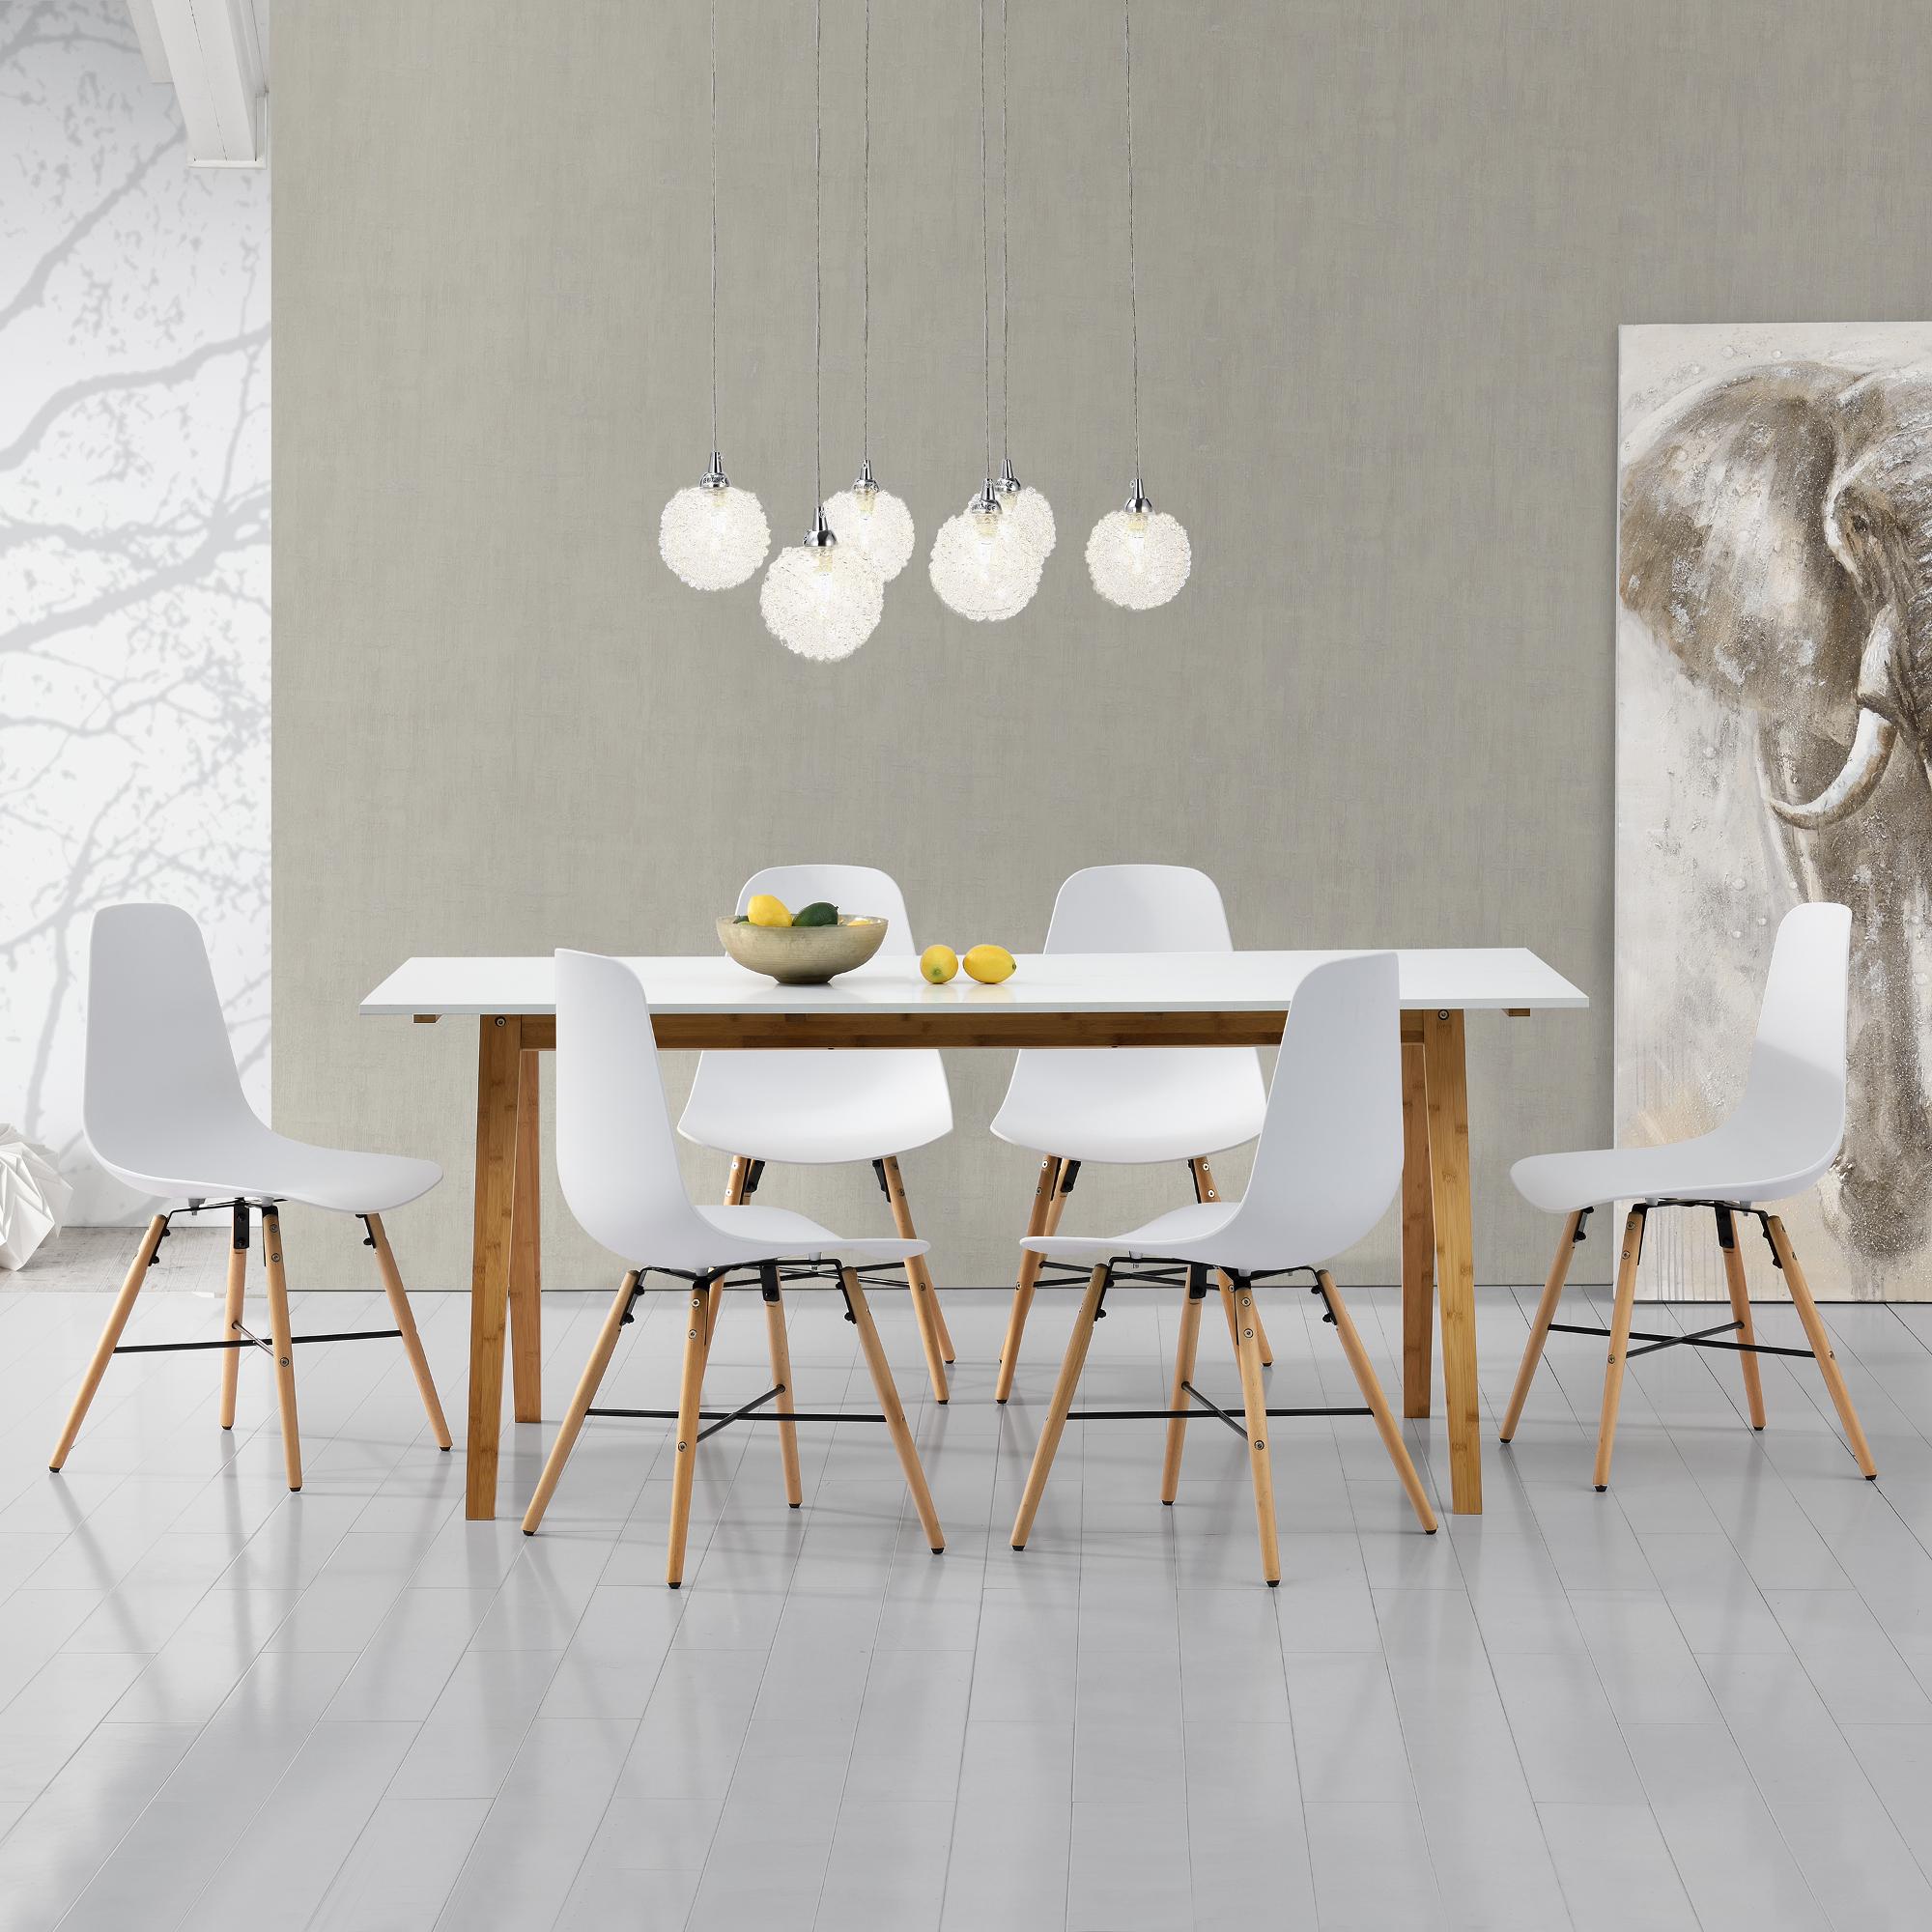 en.casa]® Esstisch weiß mit 6 Stühlen weiß 180x80 Küchentisch ...